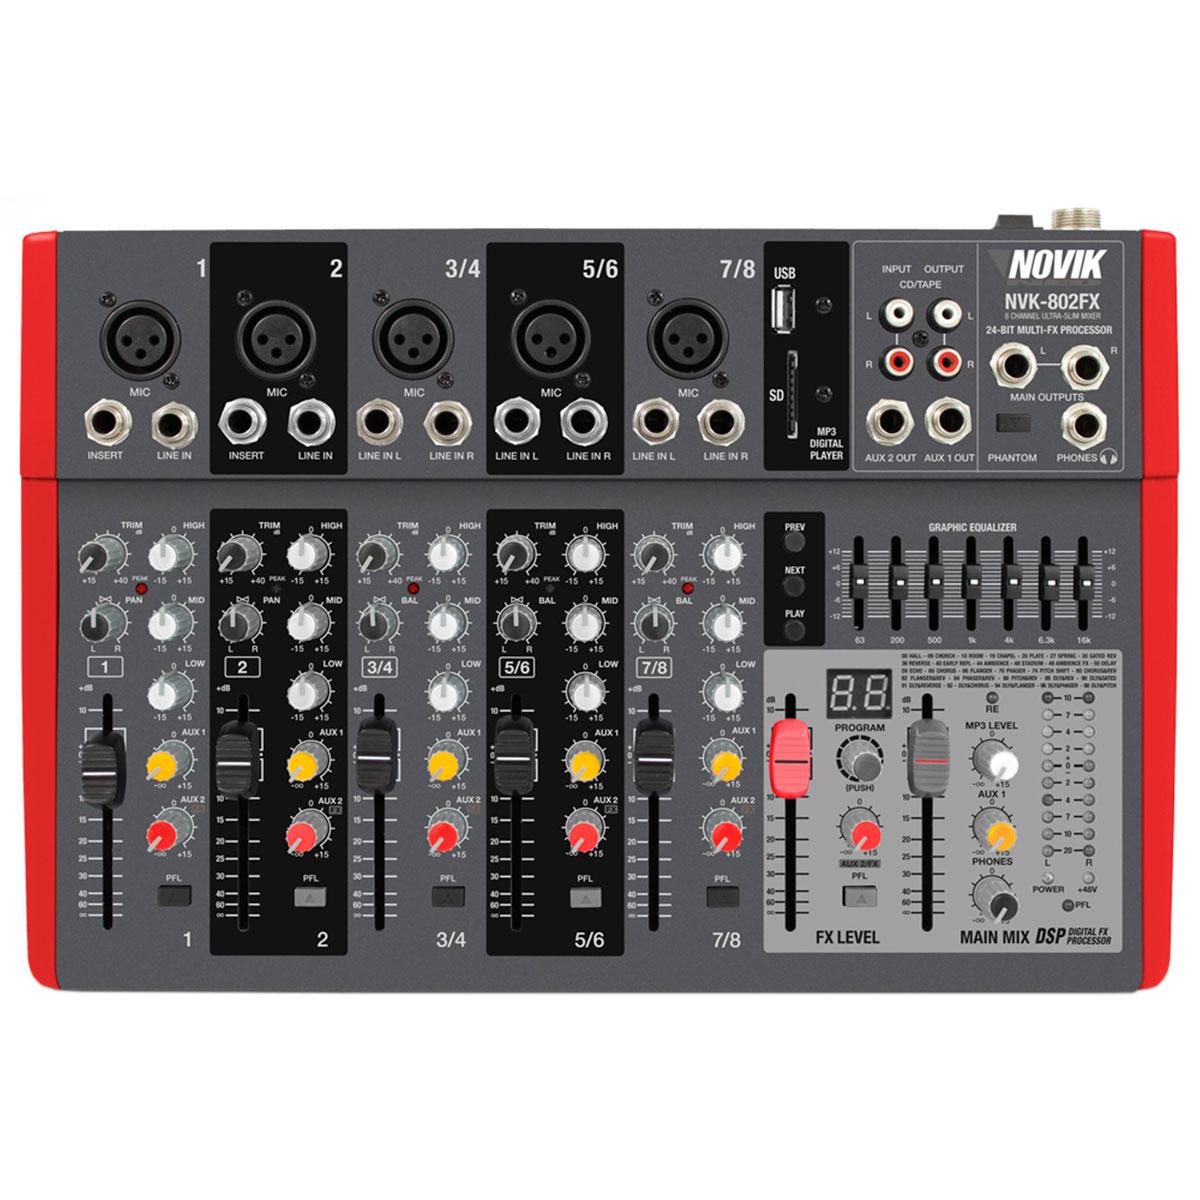 NVK802FX - Mesa de Som / Mixer 8 Canais USB 220V NVK 802 FX - Novik Neo